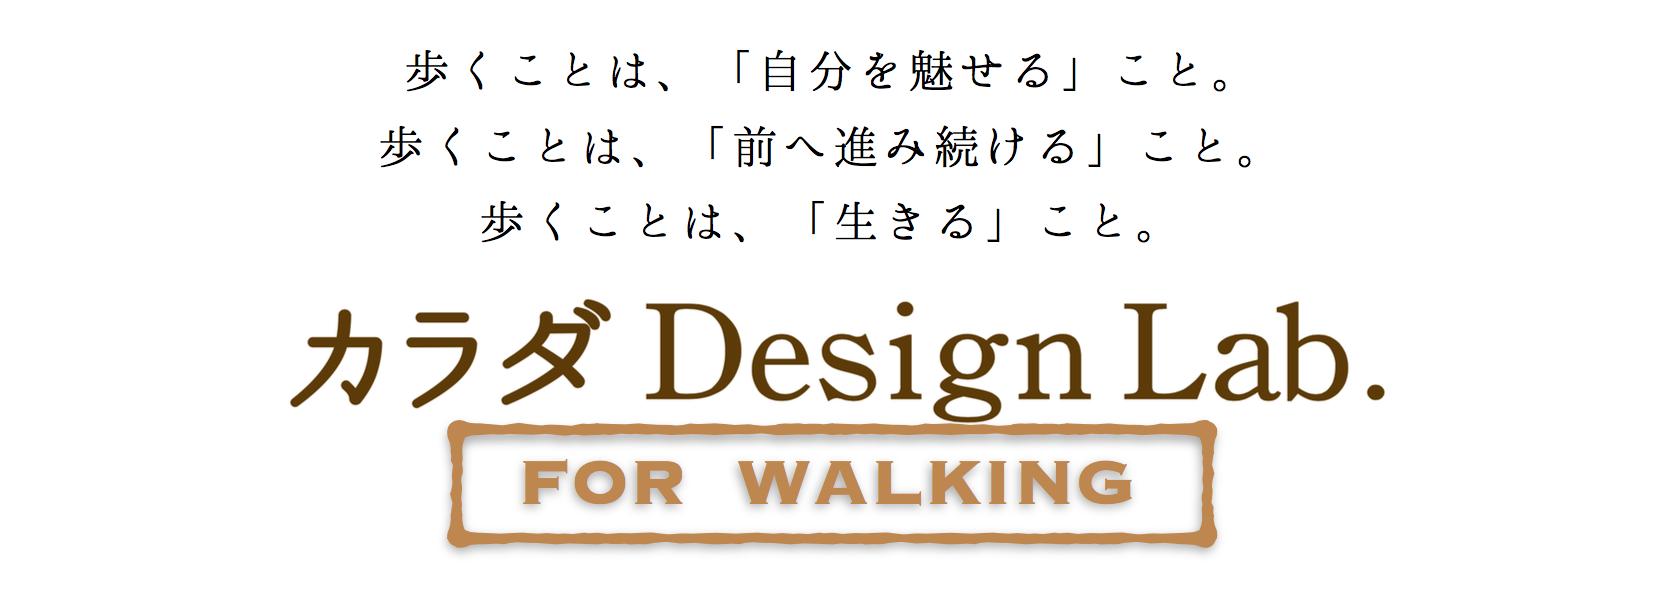 カラダ Design Lab. for walking